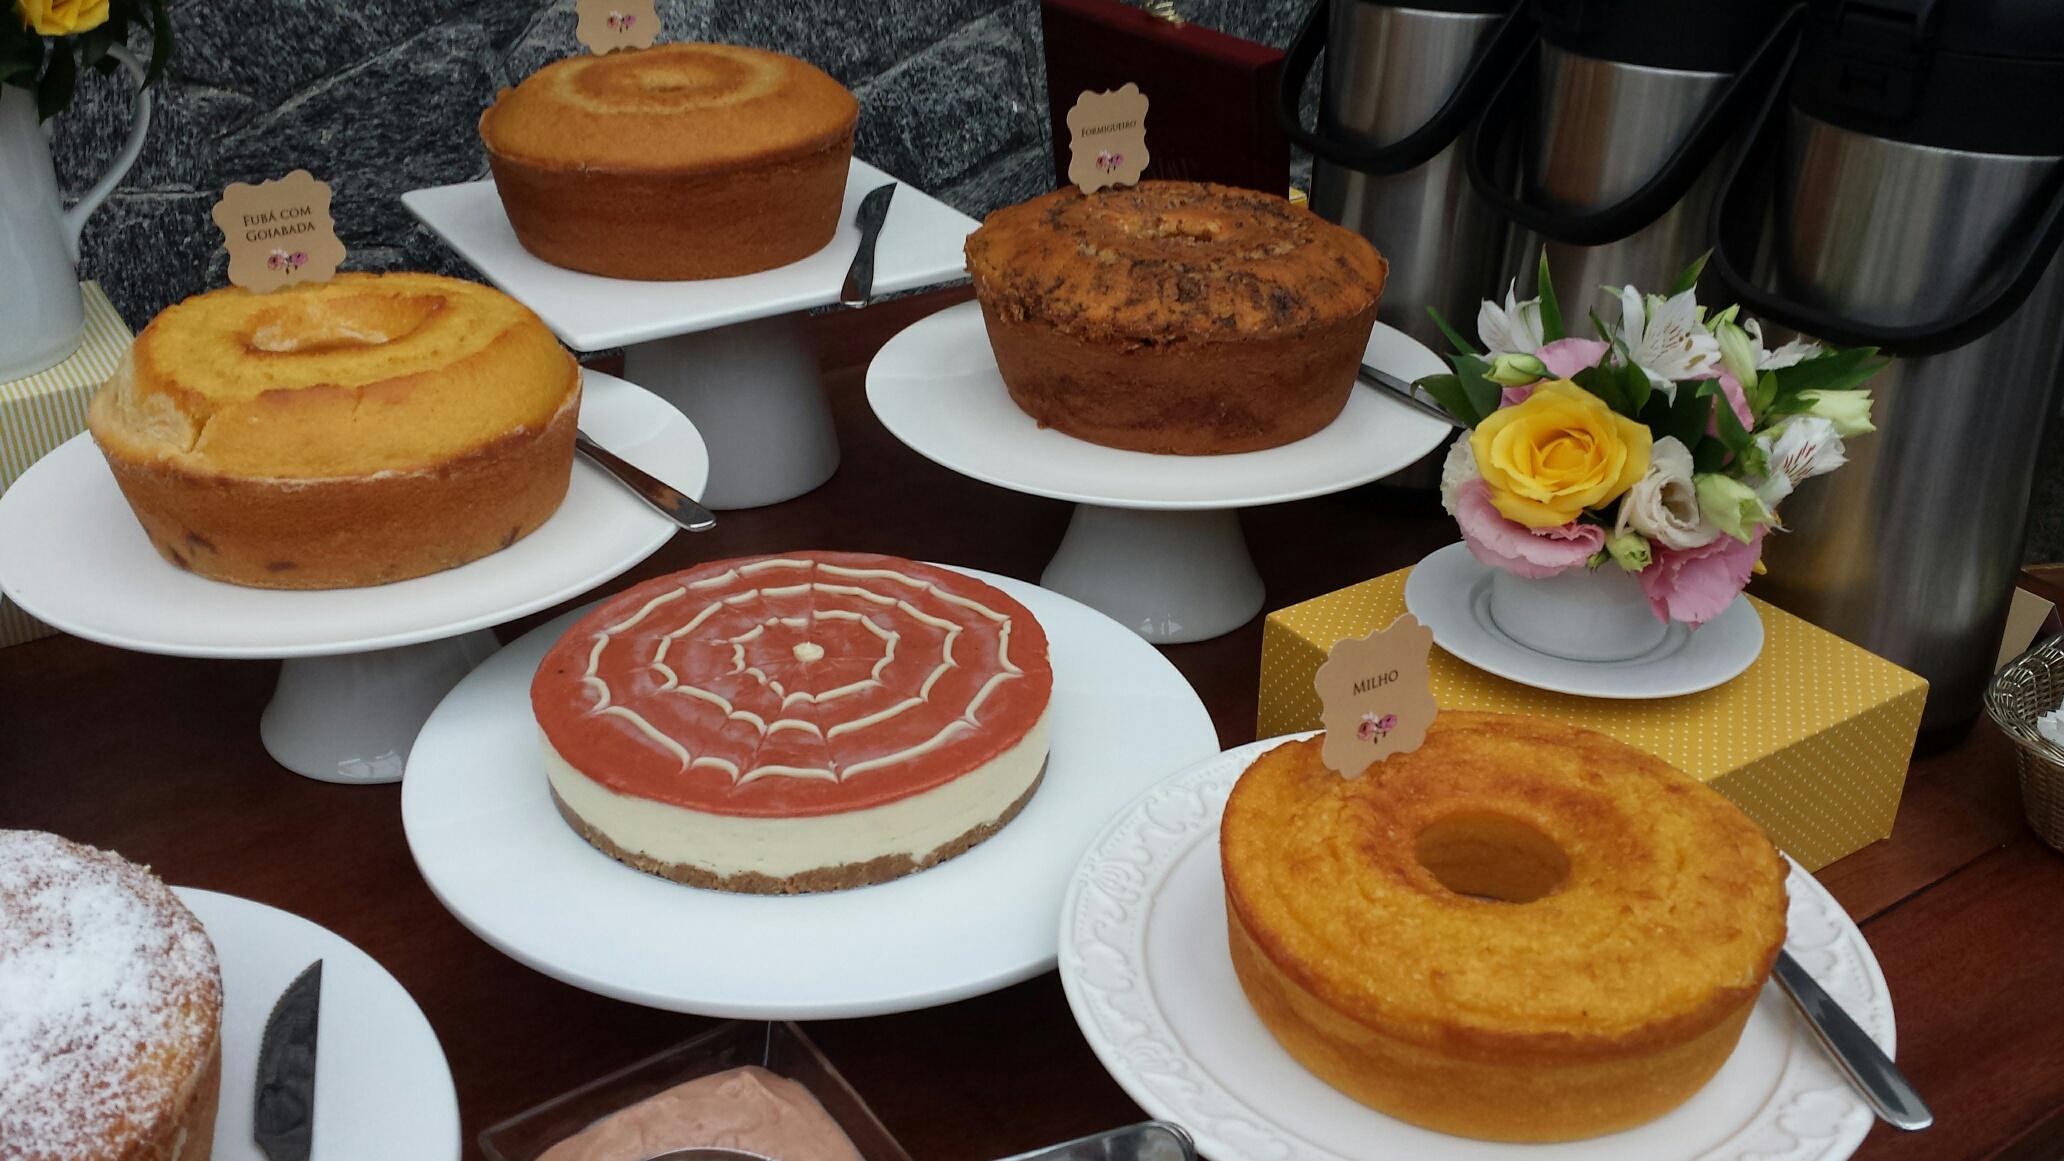 Seleção de bolos da Tradicional  caption  Priscila explica que as receitas  não utilizam conservantes e são feitas com extremo cuidado no preparo e  insumos ... 4a923b9d63